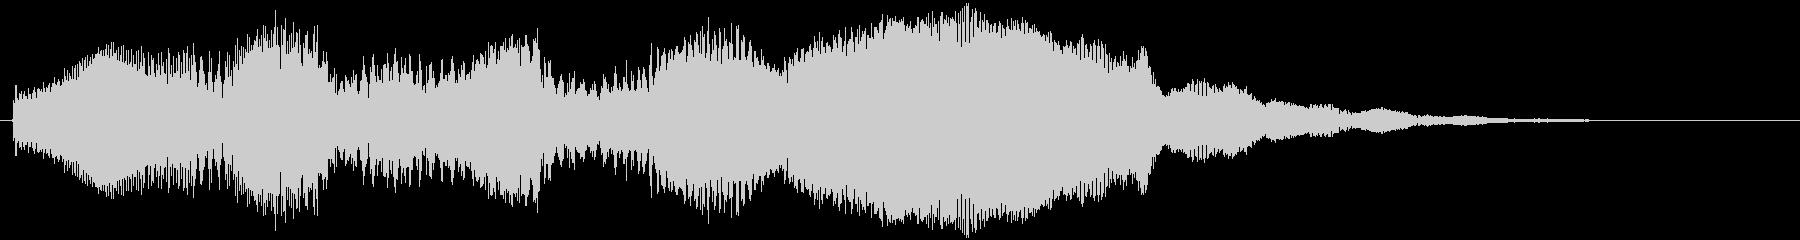 スタート音などの未再生の波形